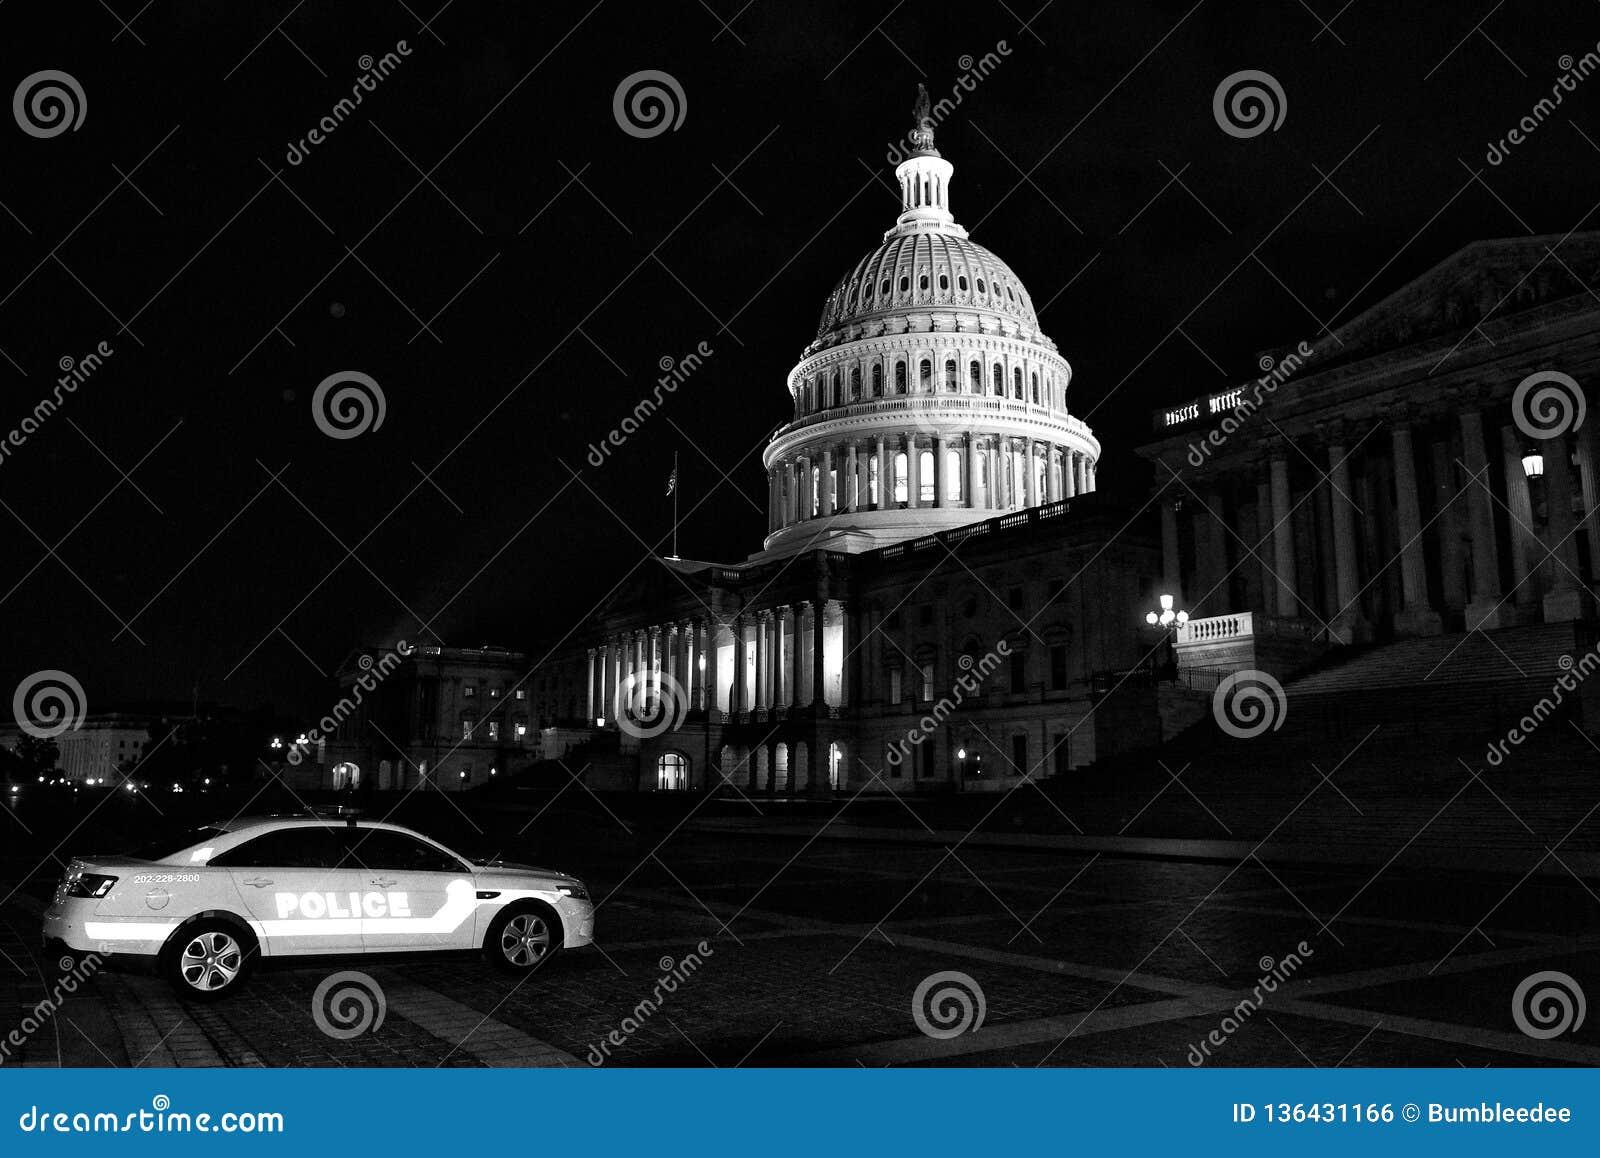 Washington, DC - 3 de junio de 2018: Coche policía cerca del capitolio de Estados Unidos en la noche